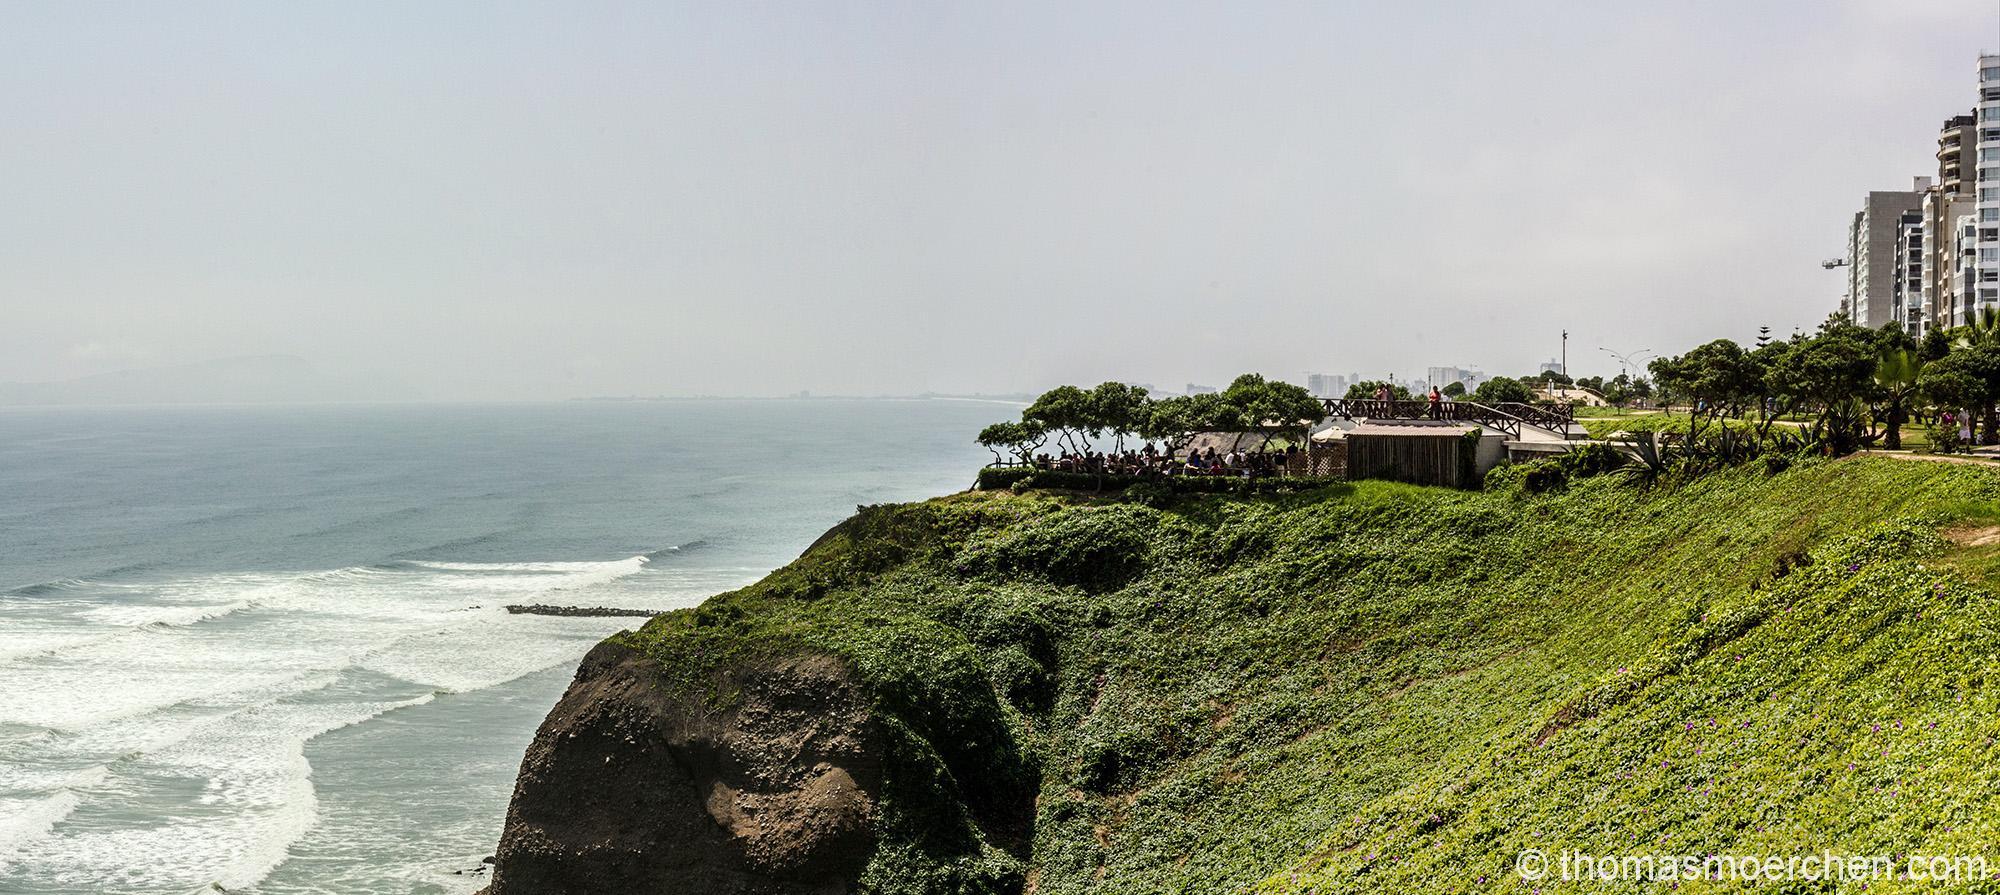 Panomara in Miraflores mit Blick auf ein Restaurant auf einem Vorsprung